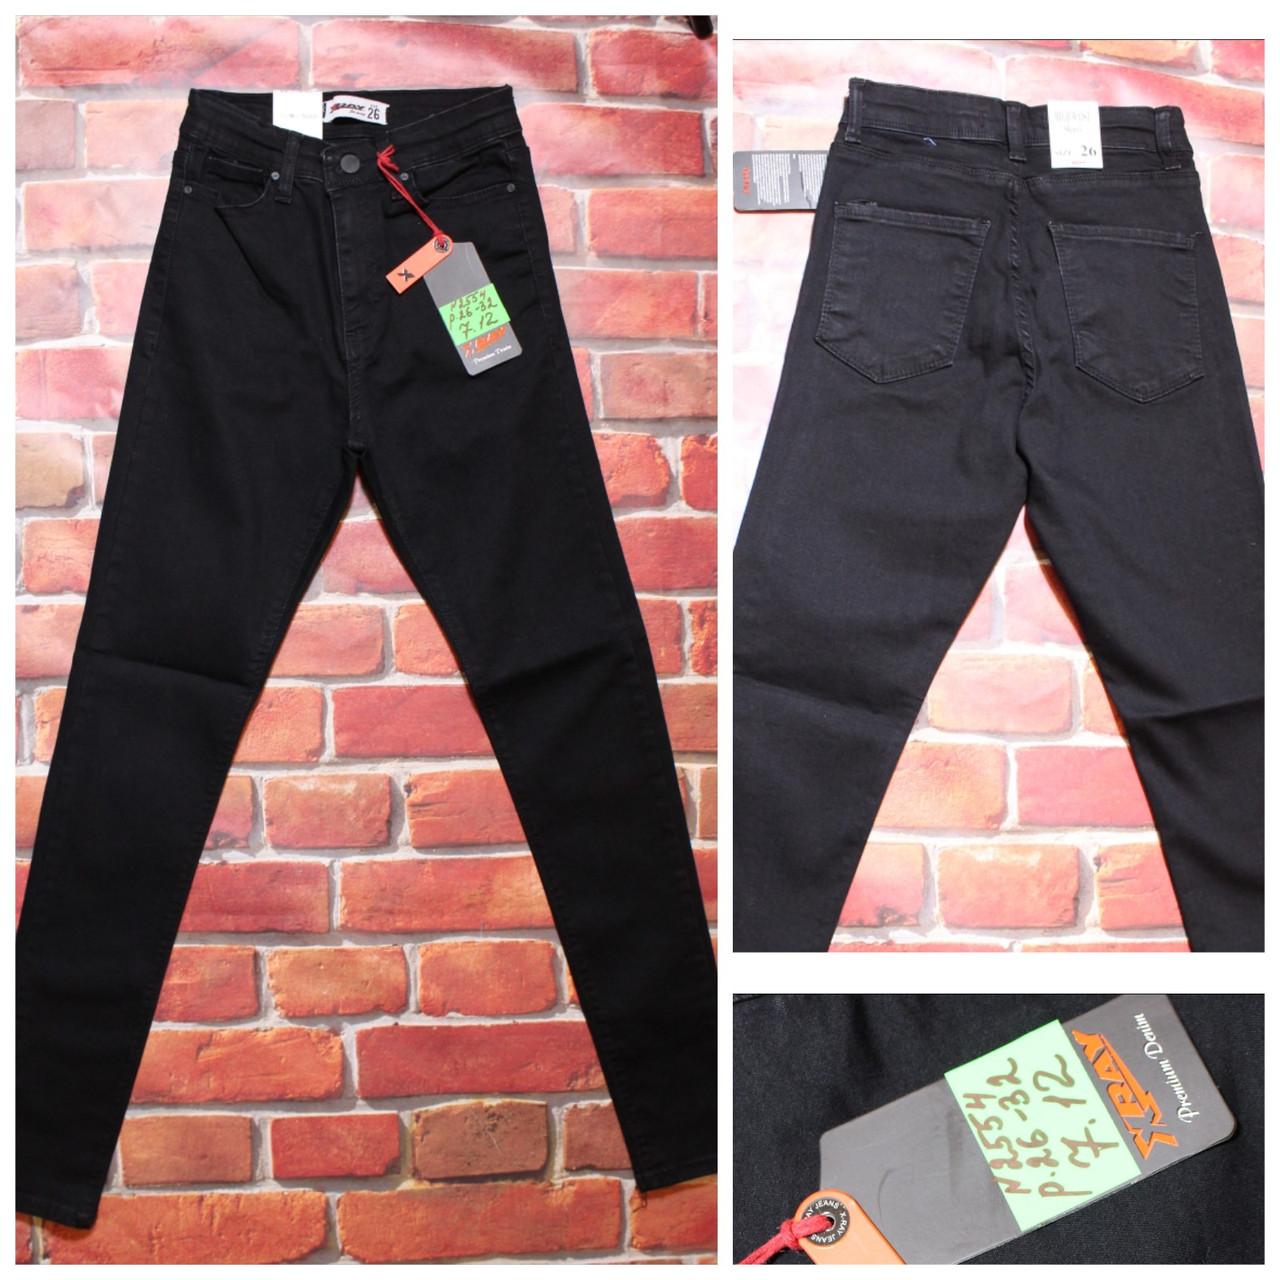 Женские джинсы американка x-ray (код 2554)  размеры с 26 по 32